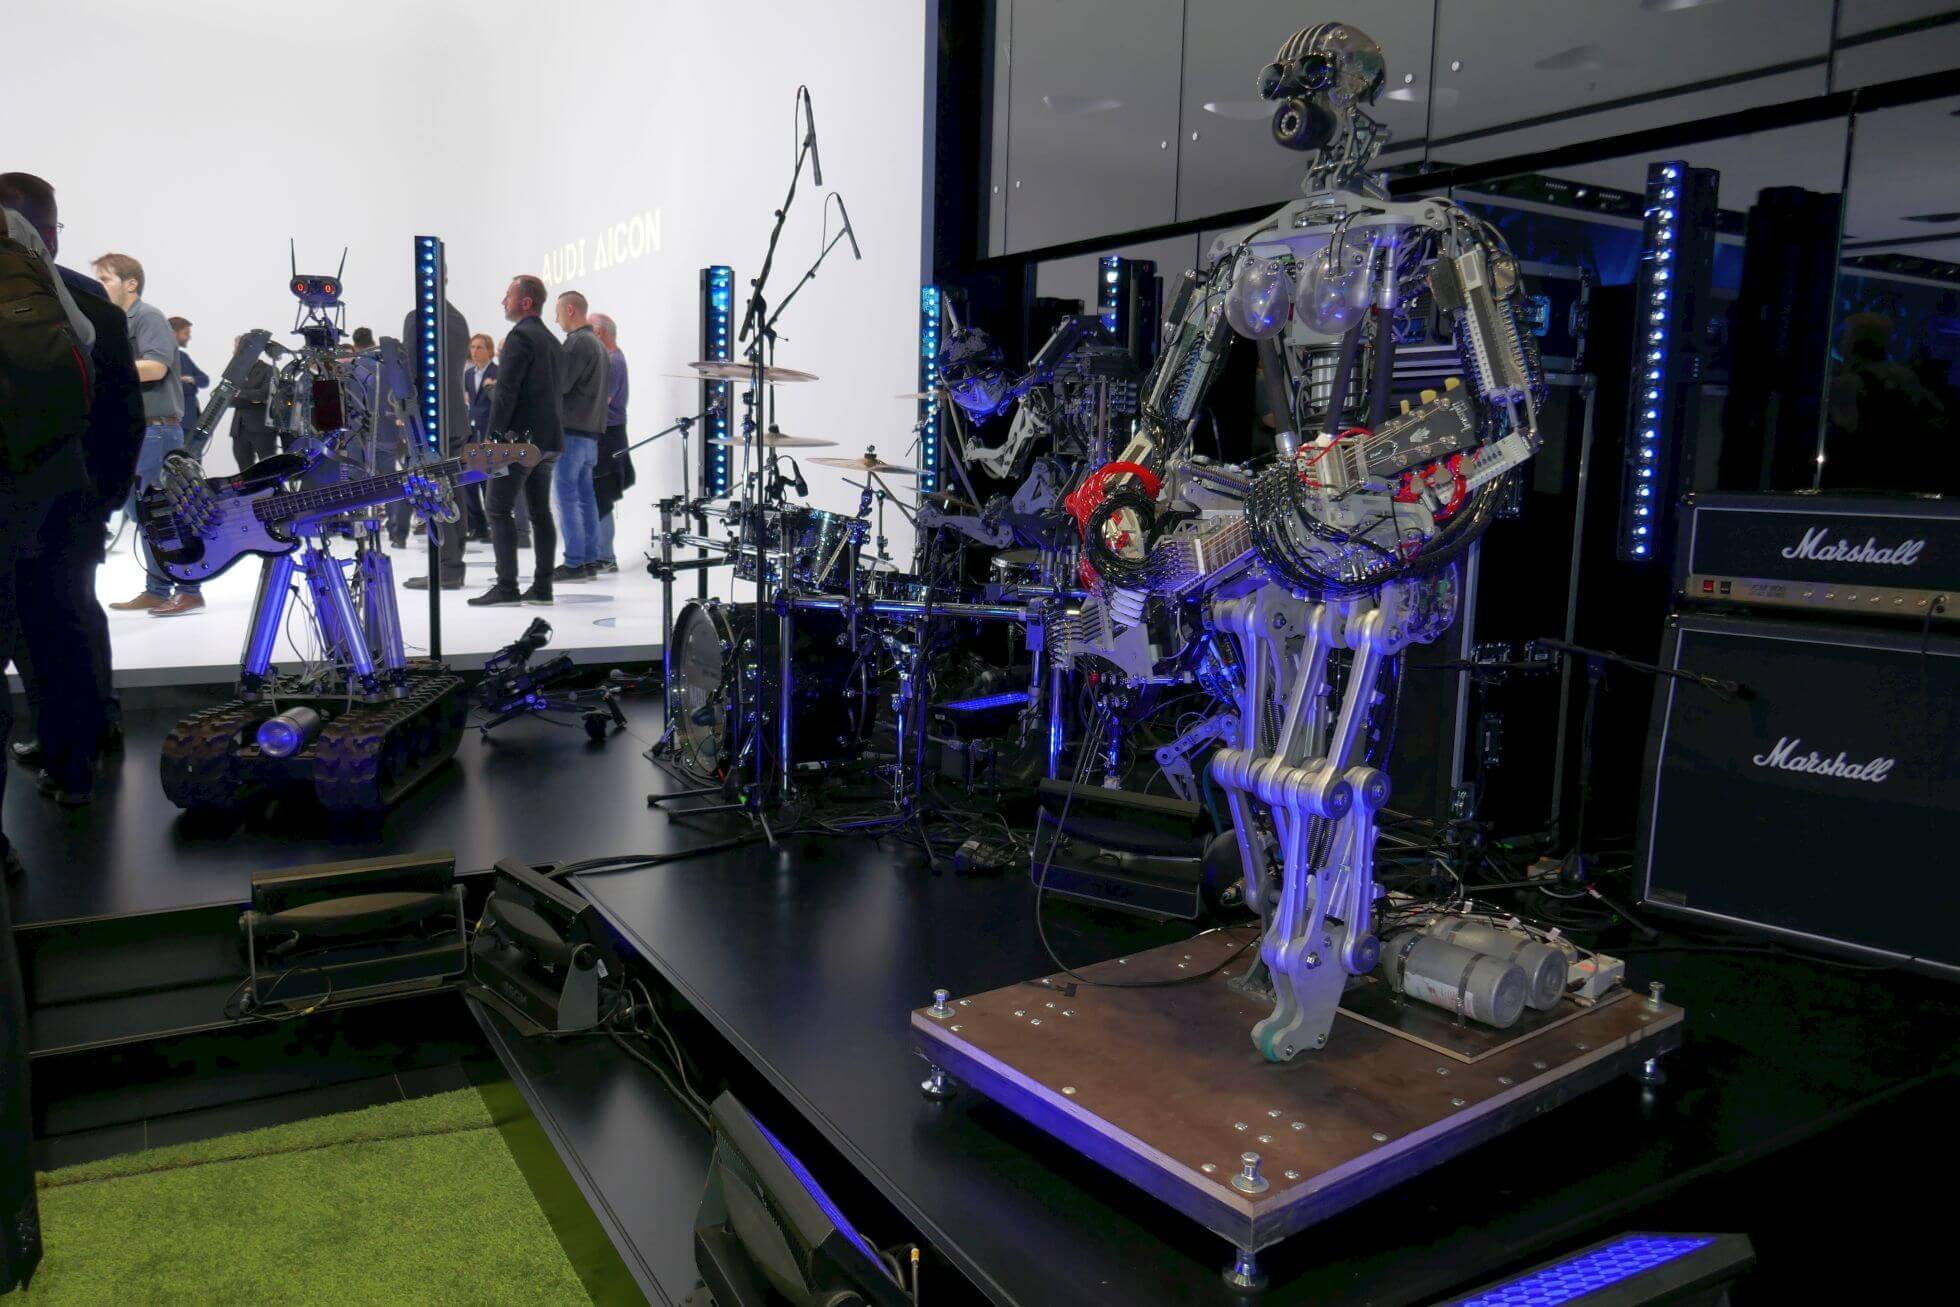 Surreal: eine echte Roboter-Punk-Band rockt die Halle. Debüt-Album ab 24.11.17 im Handel.